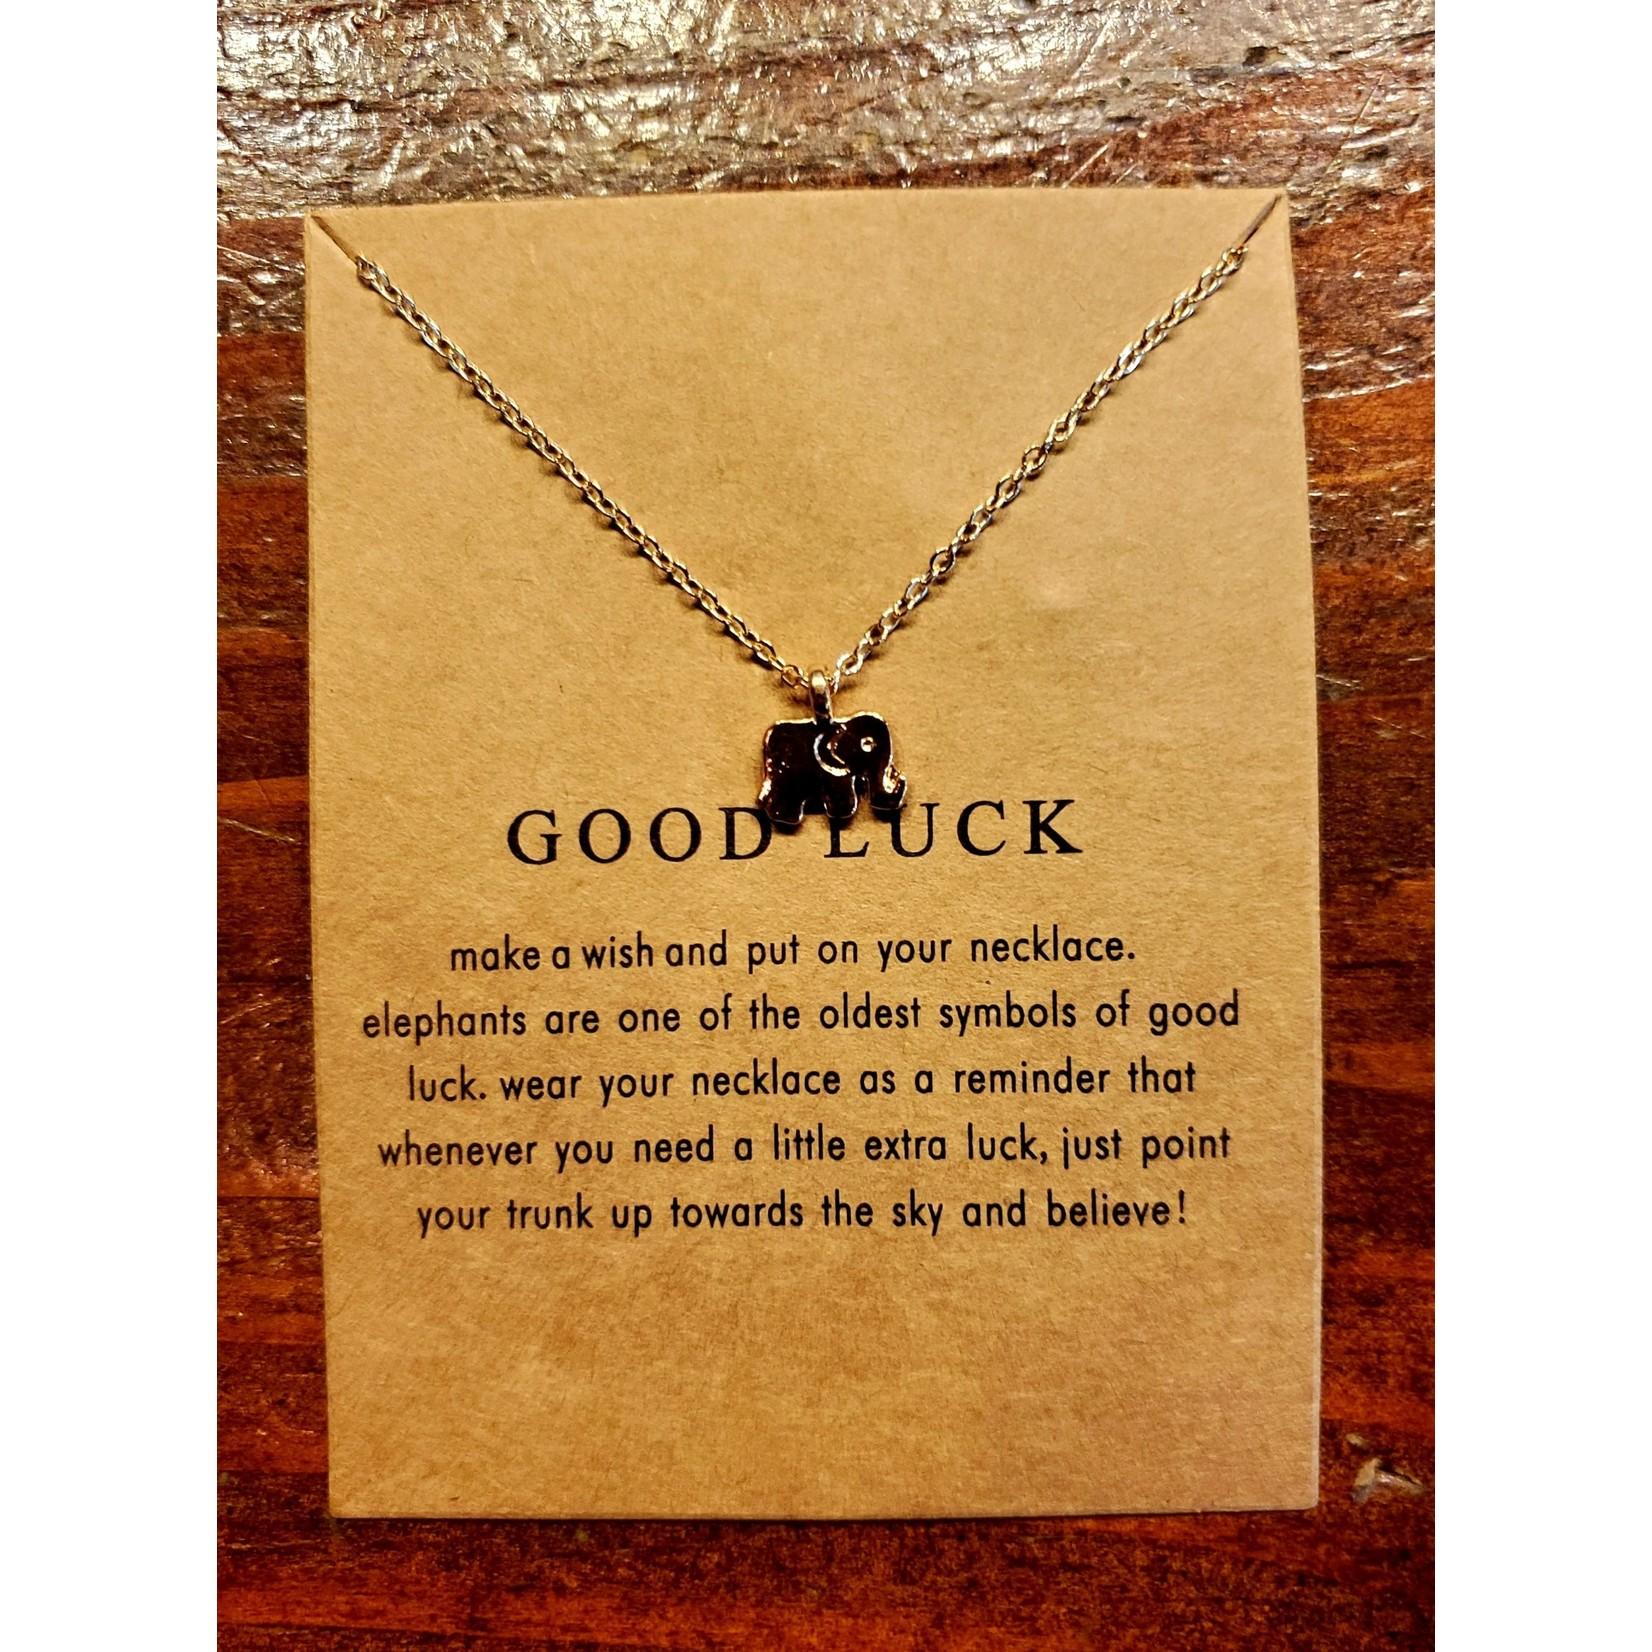 VIDA FELIZ Uplifting Necklace: